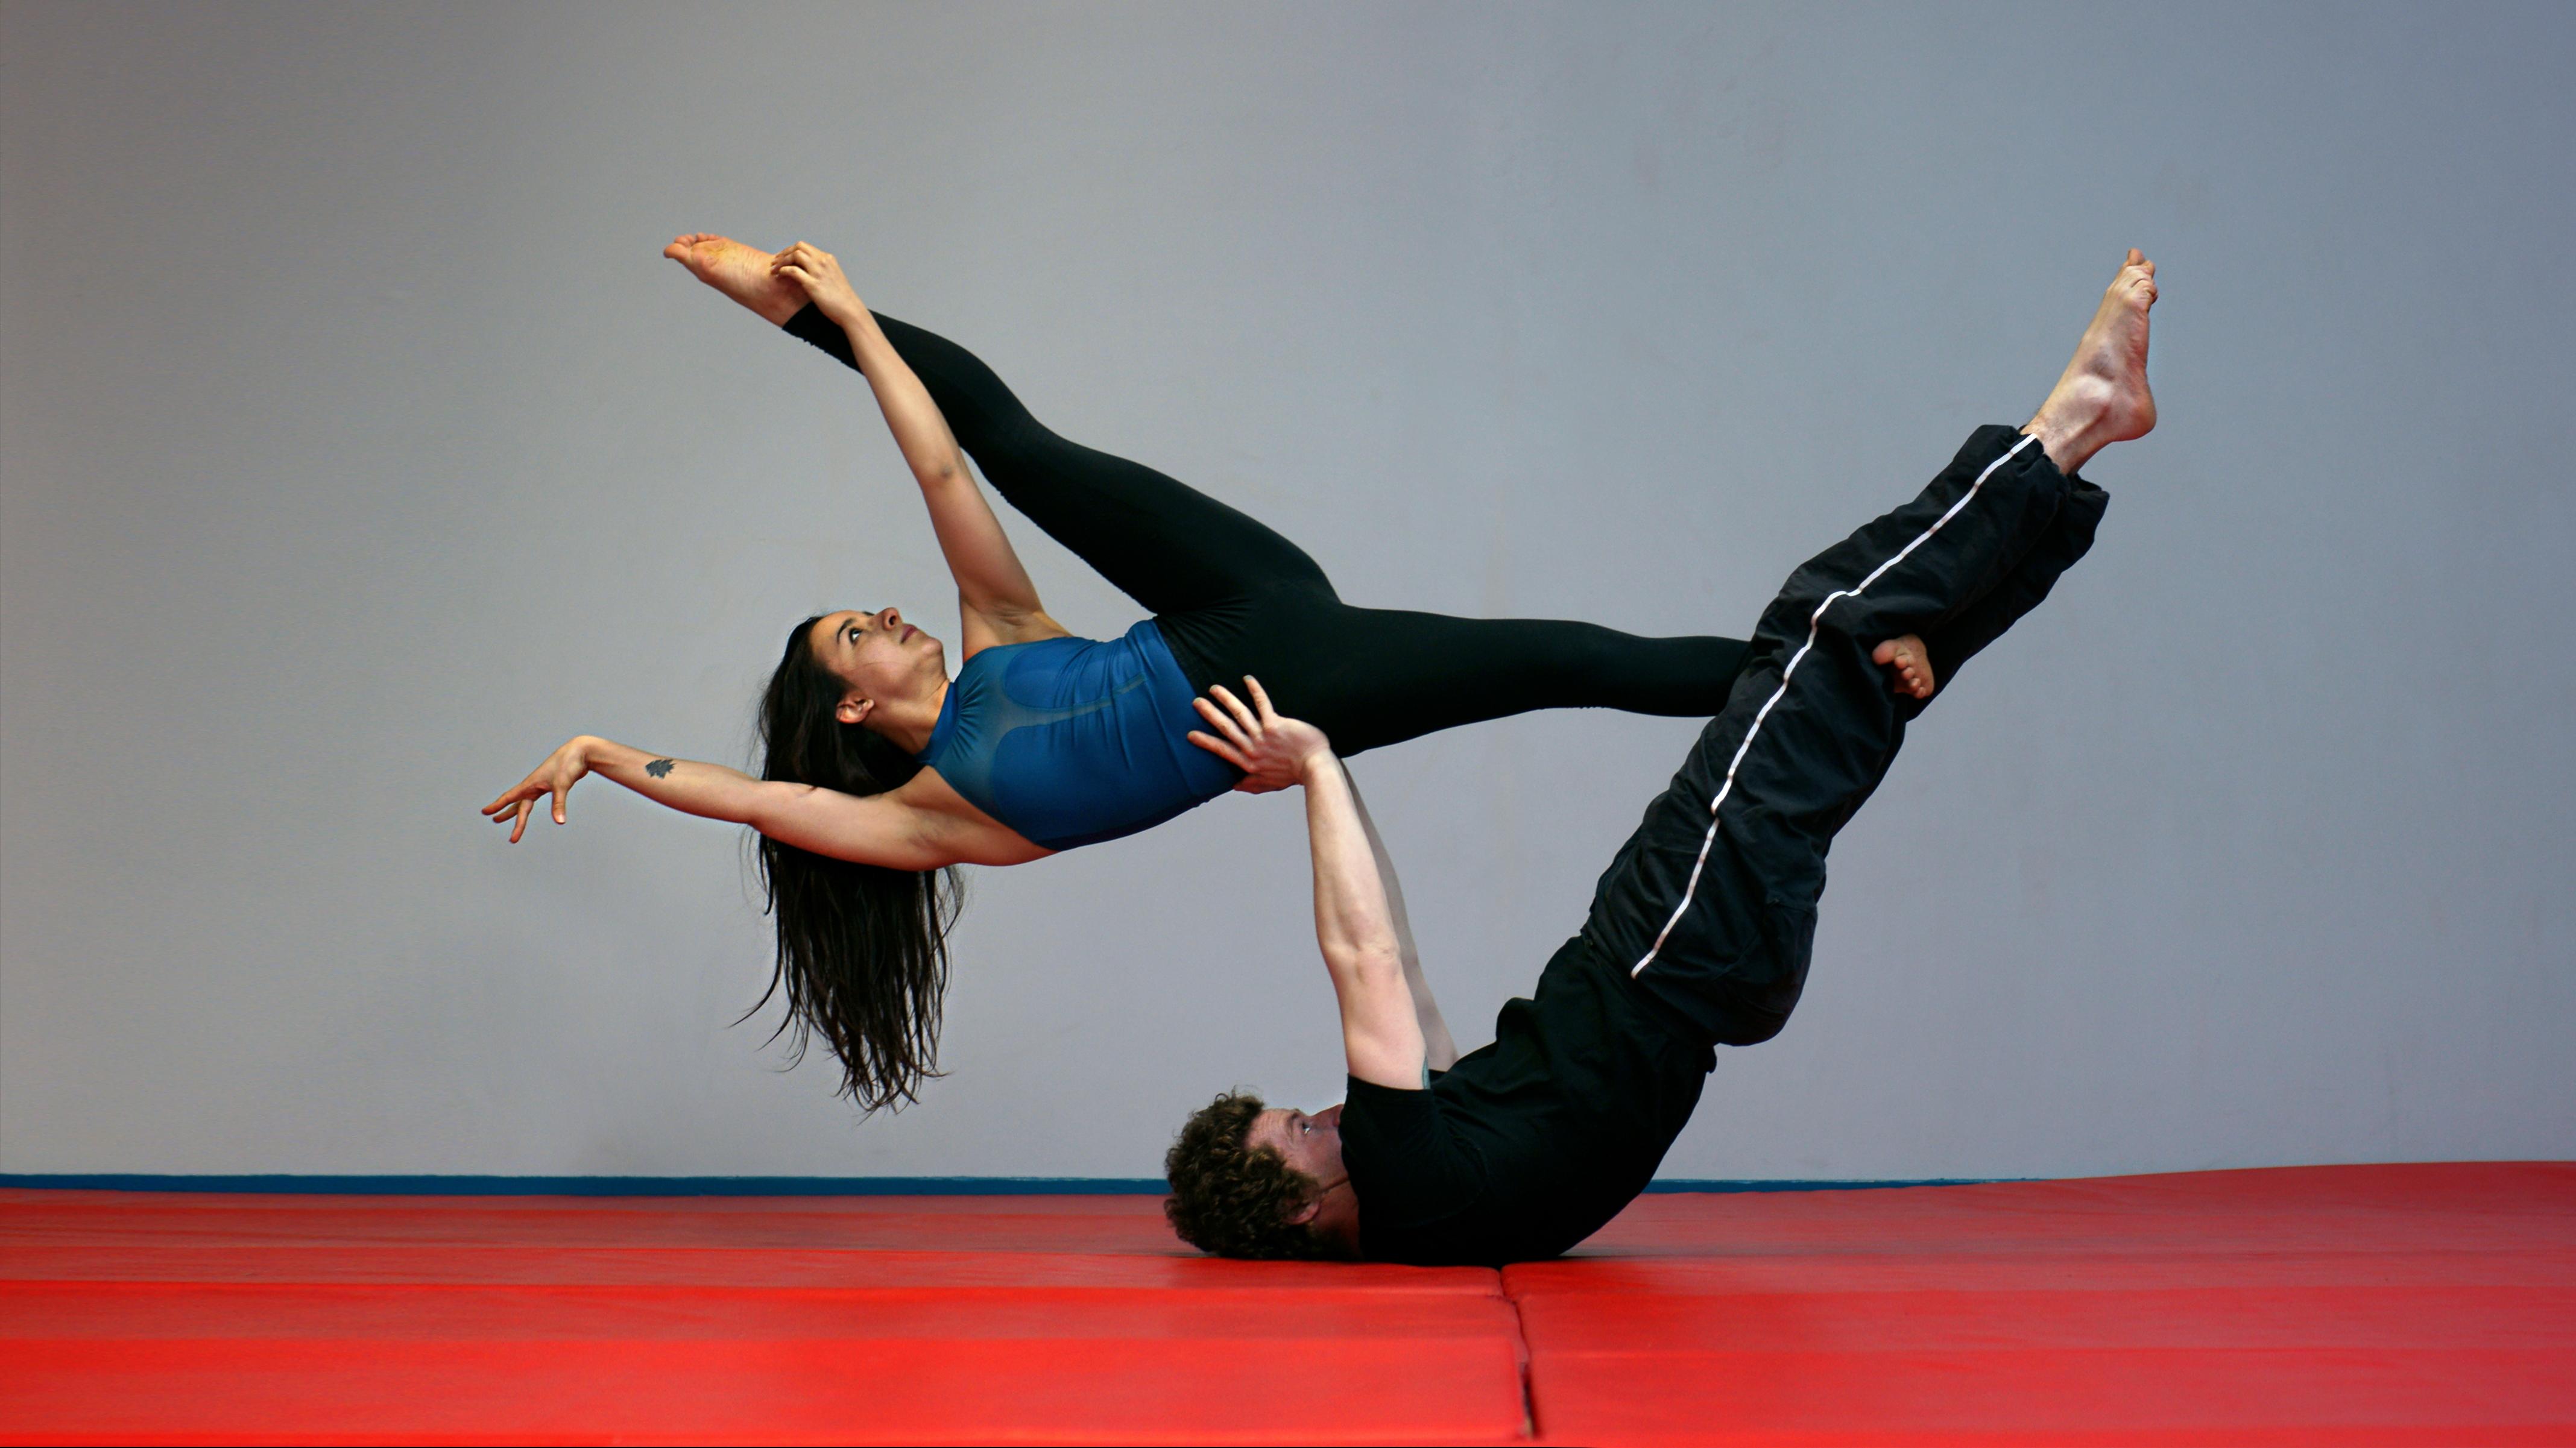 Iona et Jonas font un Y counterbalance, une figure d'AcroYoga. La longue chevelure brune de Iona pend au dessus du tapis d'Overground Circus, à Lyon 5e